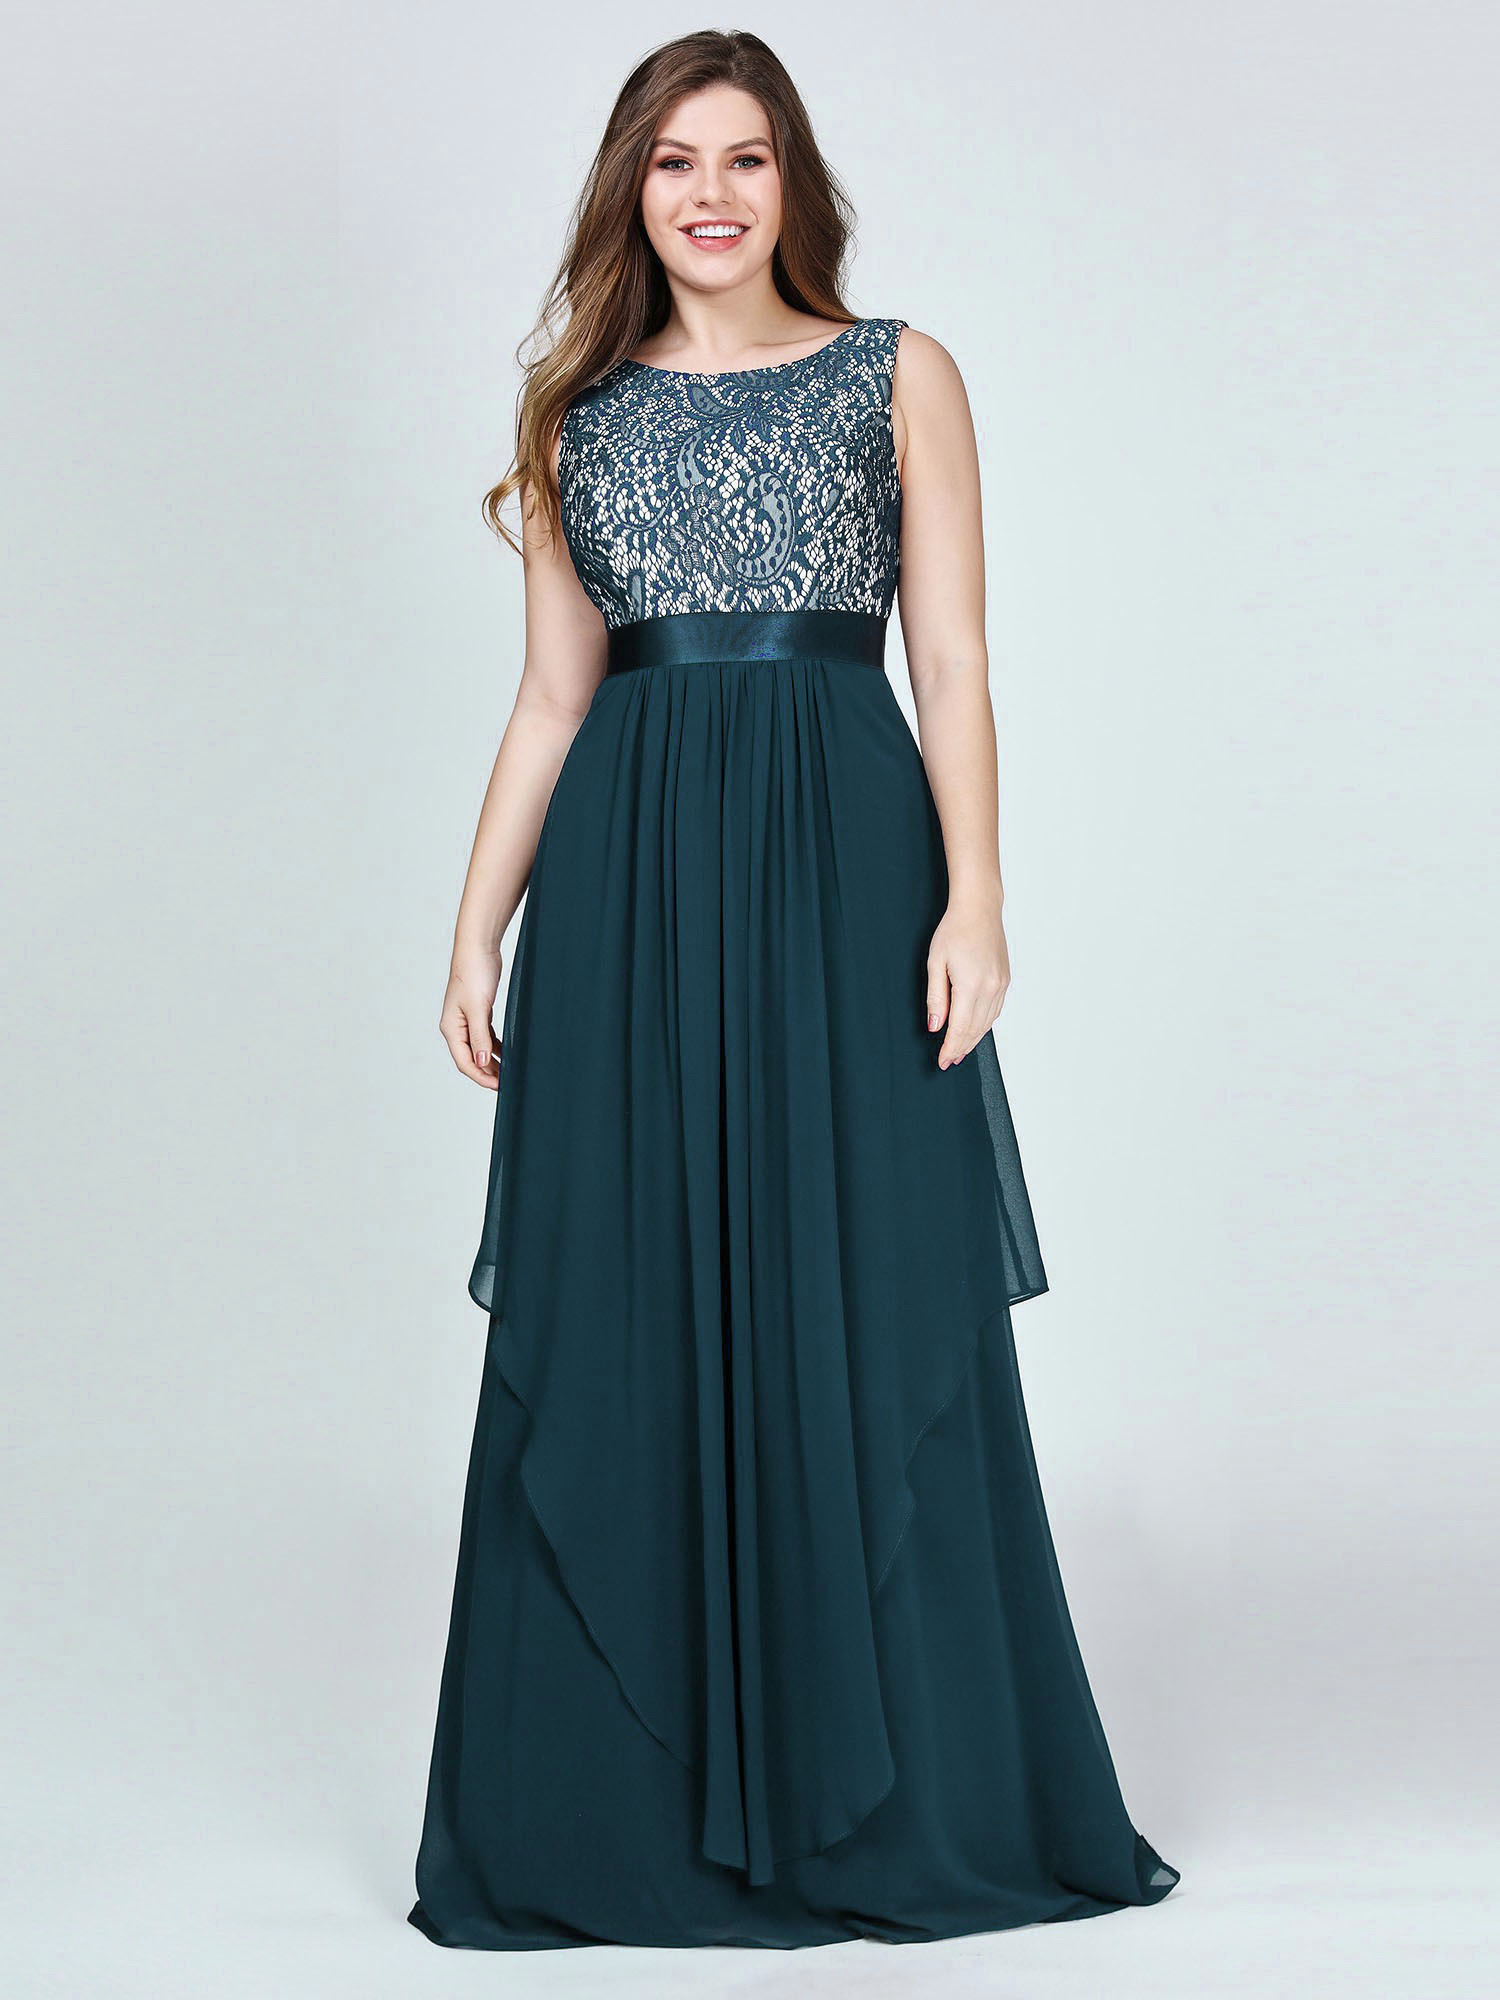 13 Einfach Abendbekleidung Damen Spezialgebiet10 Kreativ Abendbekleidung Damen Vertrieb